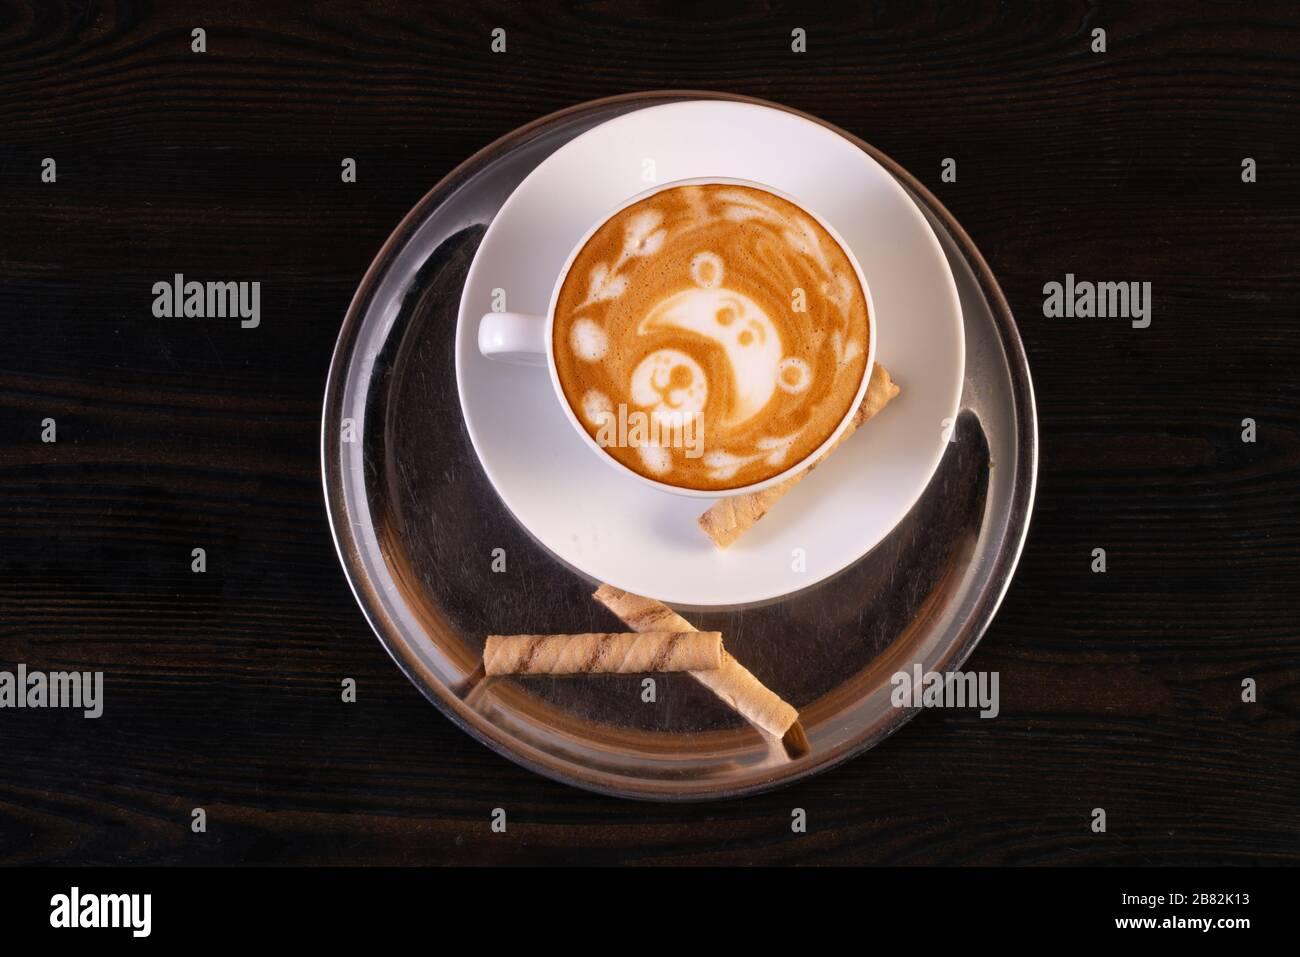 latte art on table Stock Photo